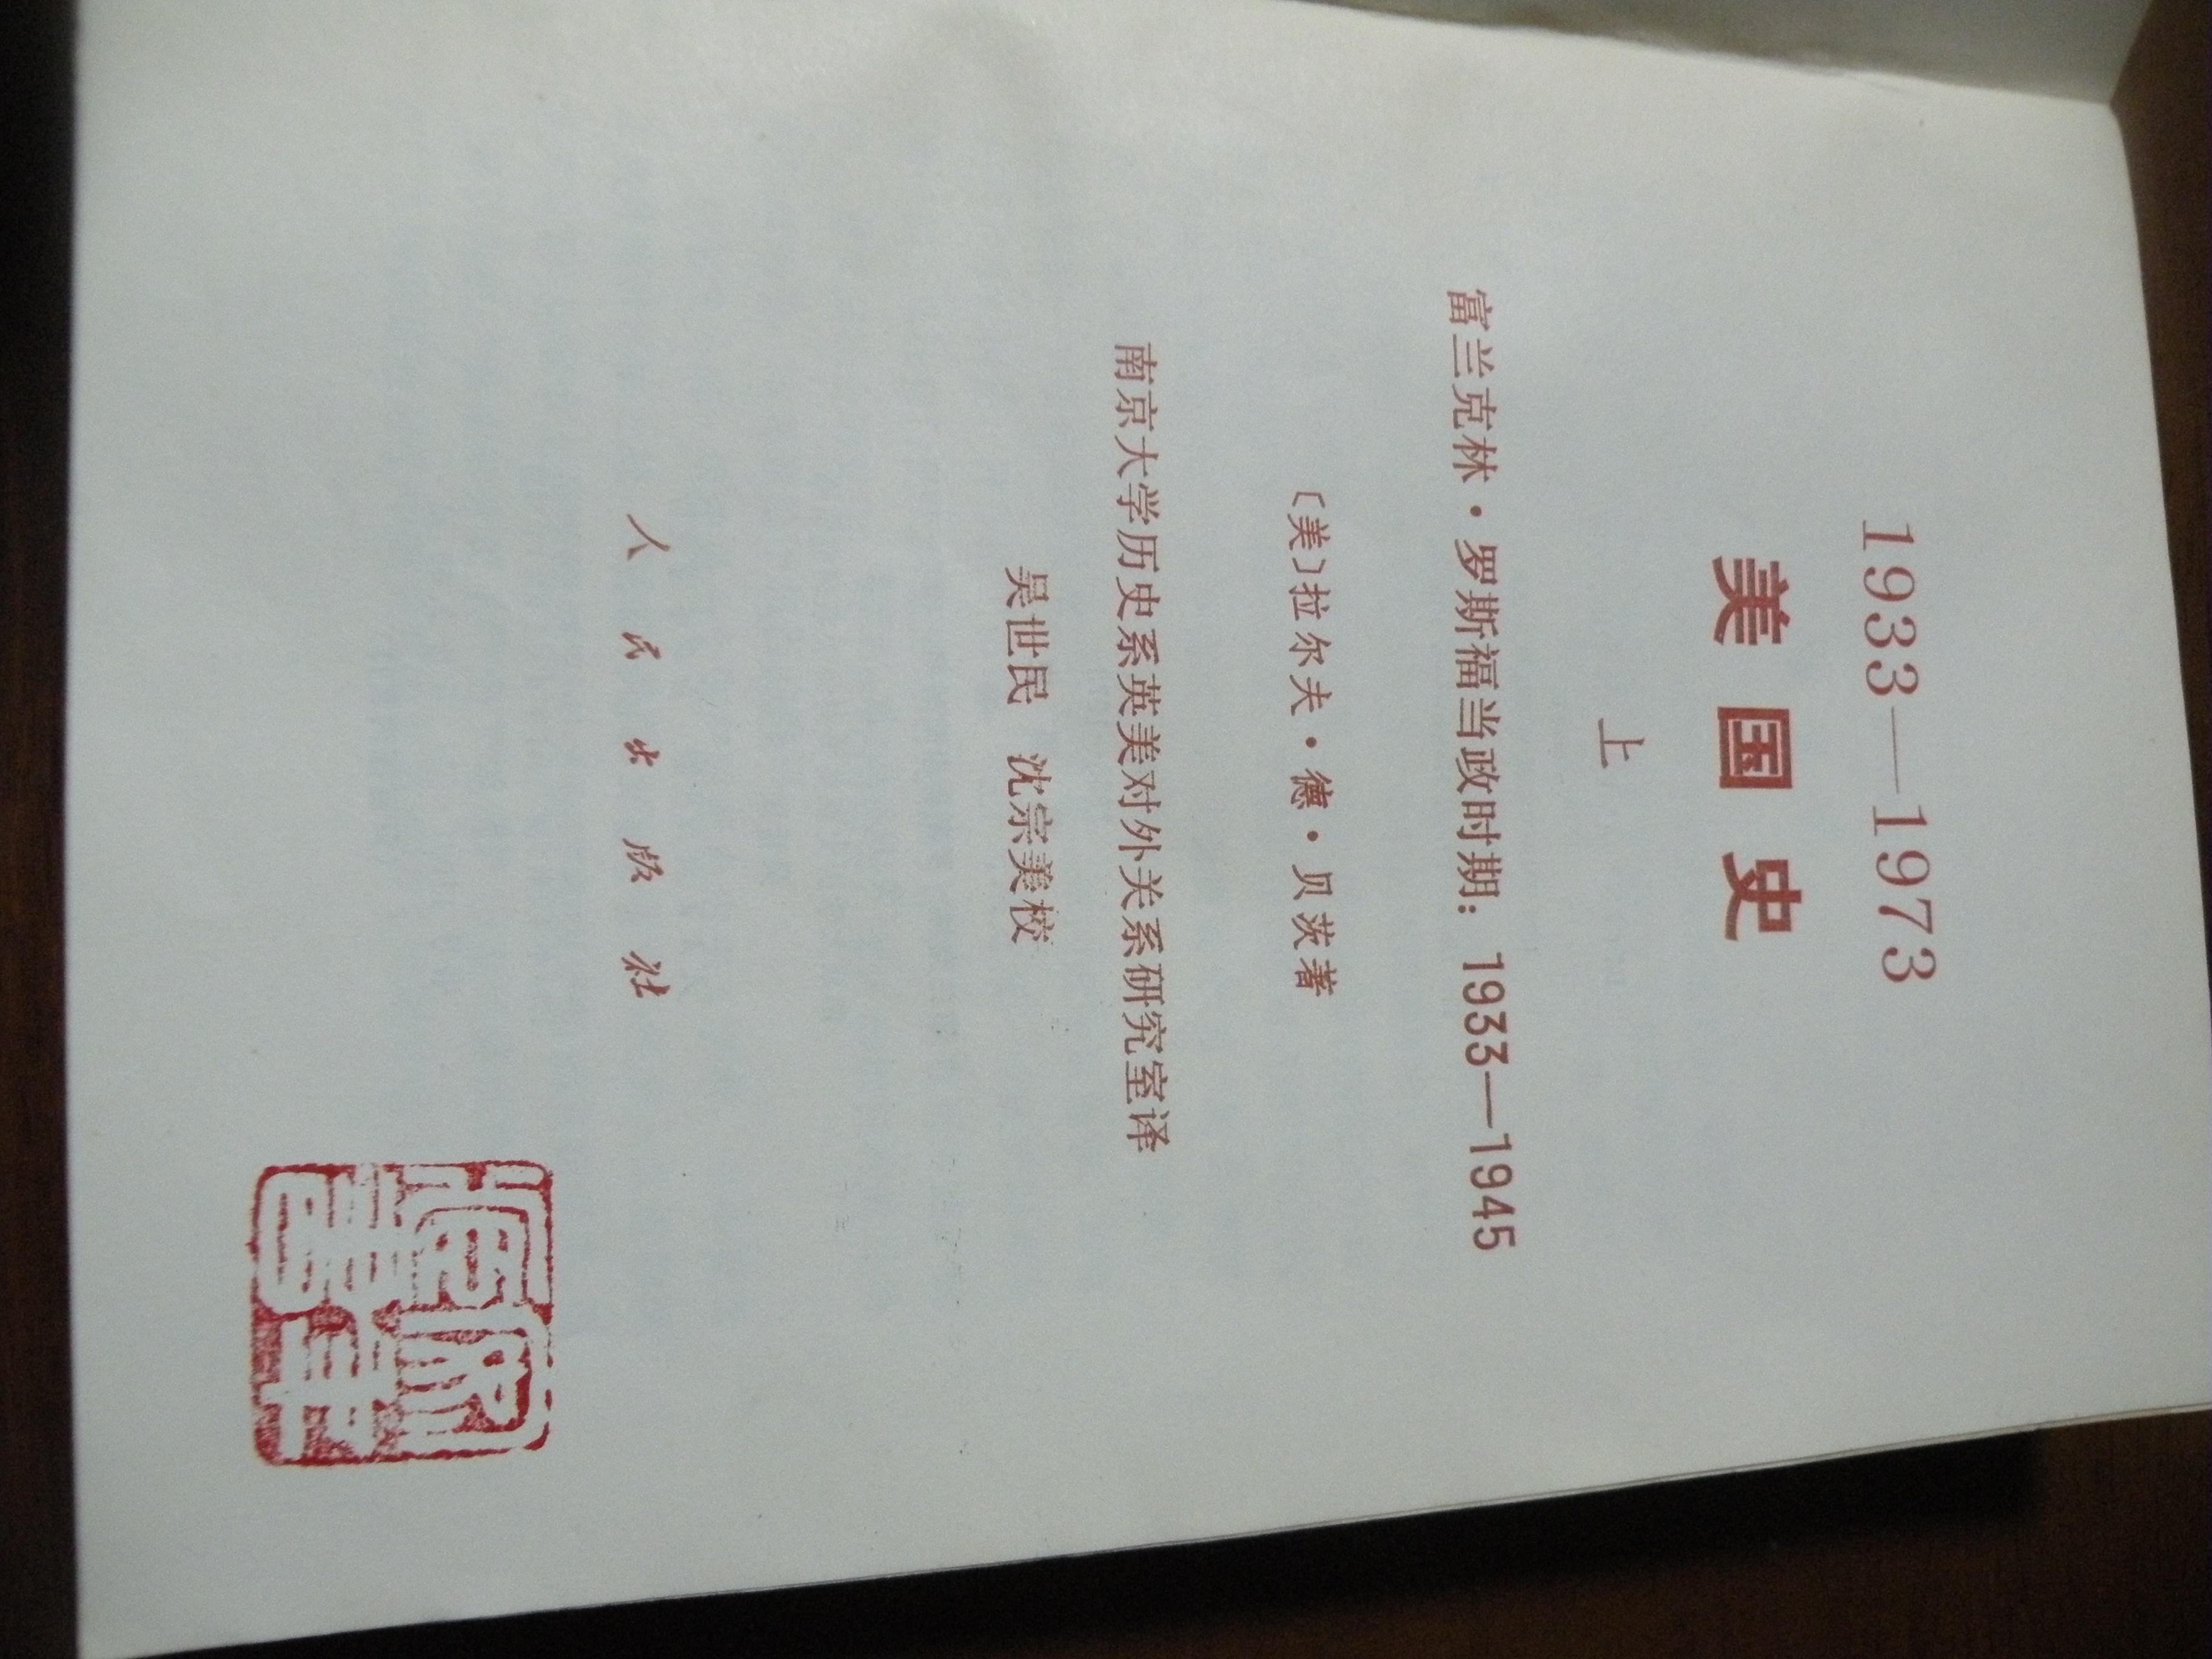 DSCN7866.JPG